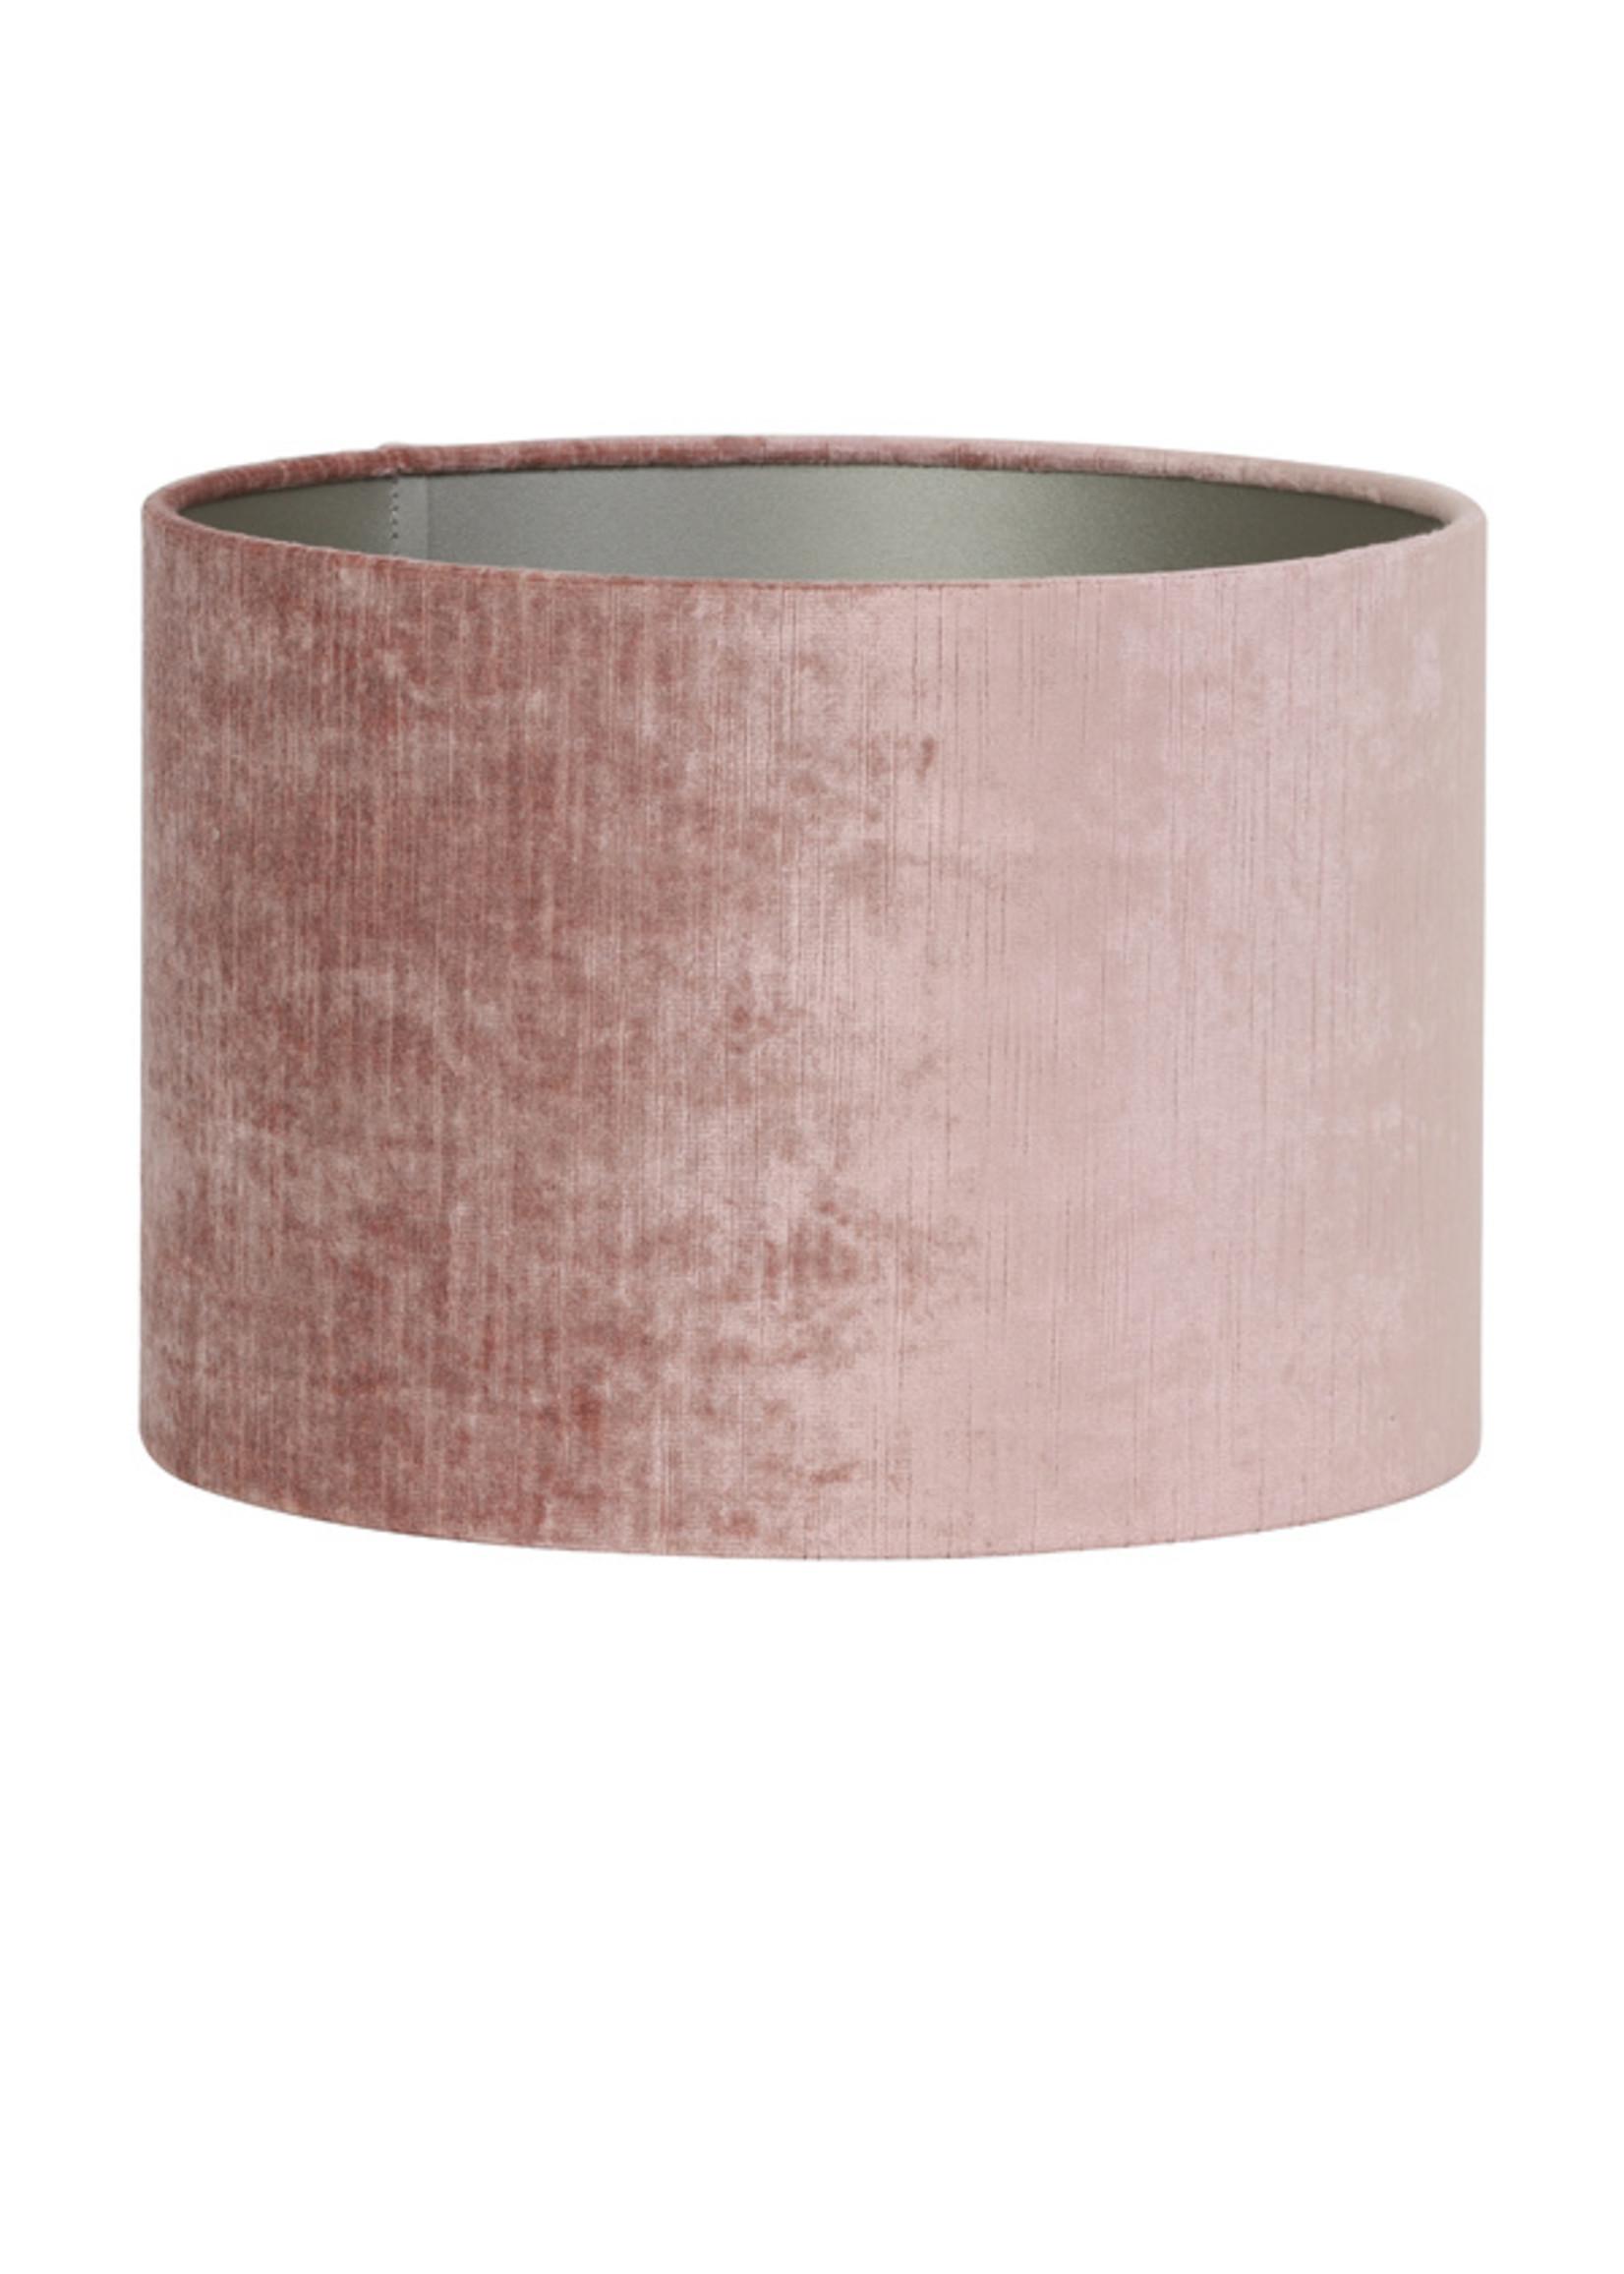 Light & Living Kap cilinder 30-30-21cm gemstone oud roze